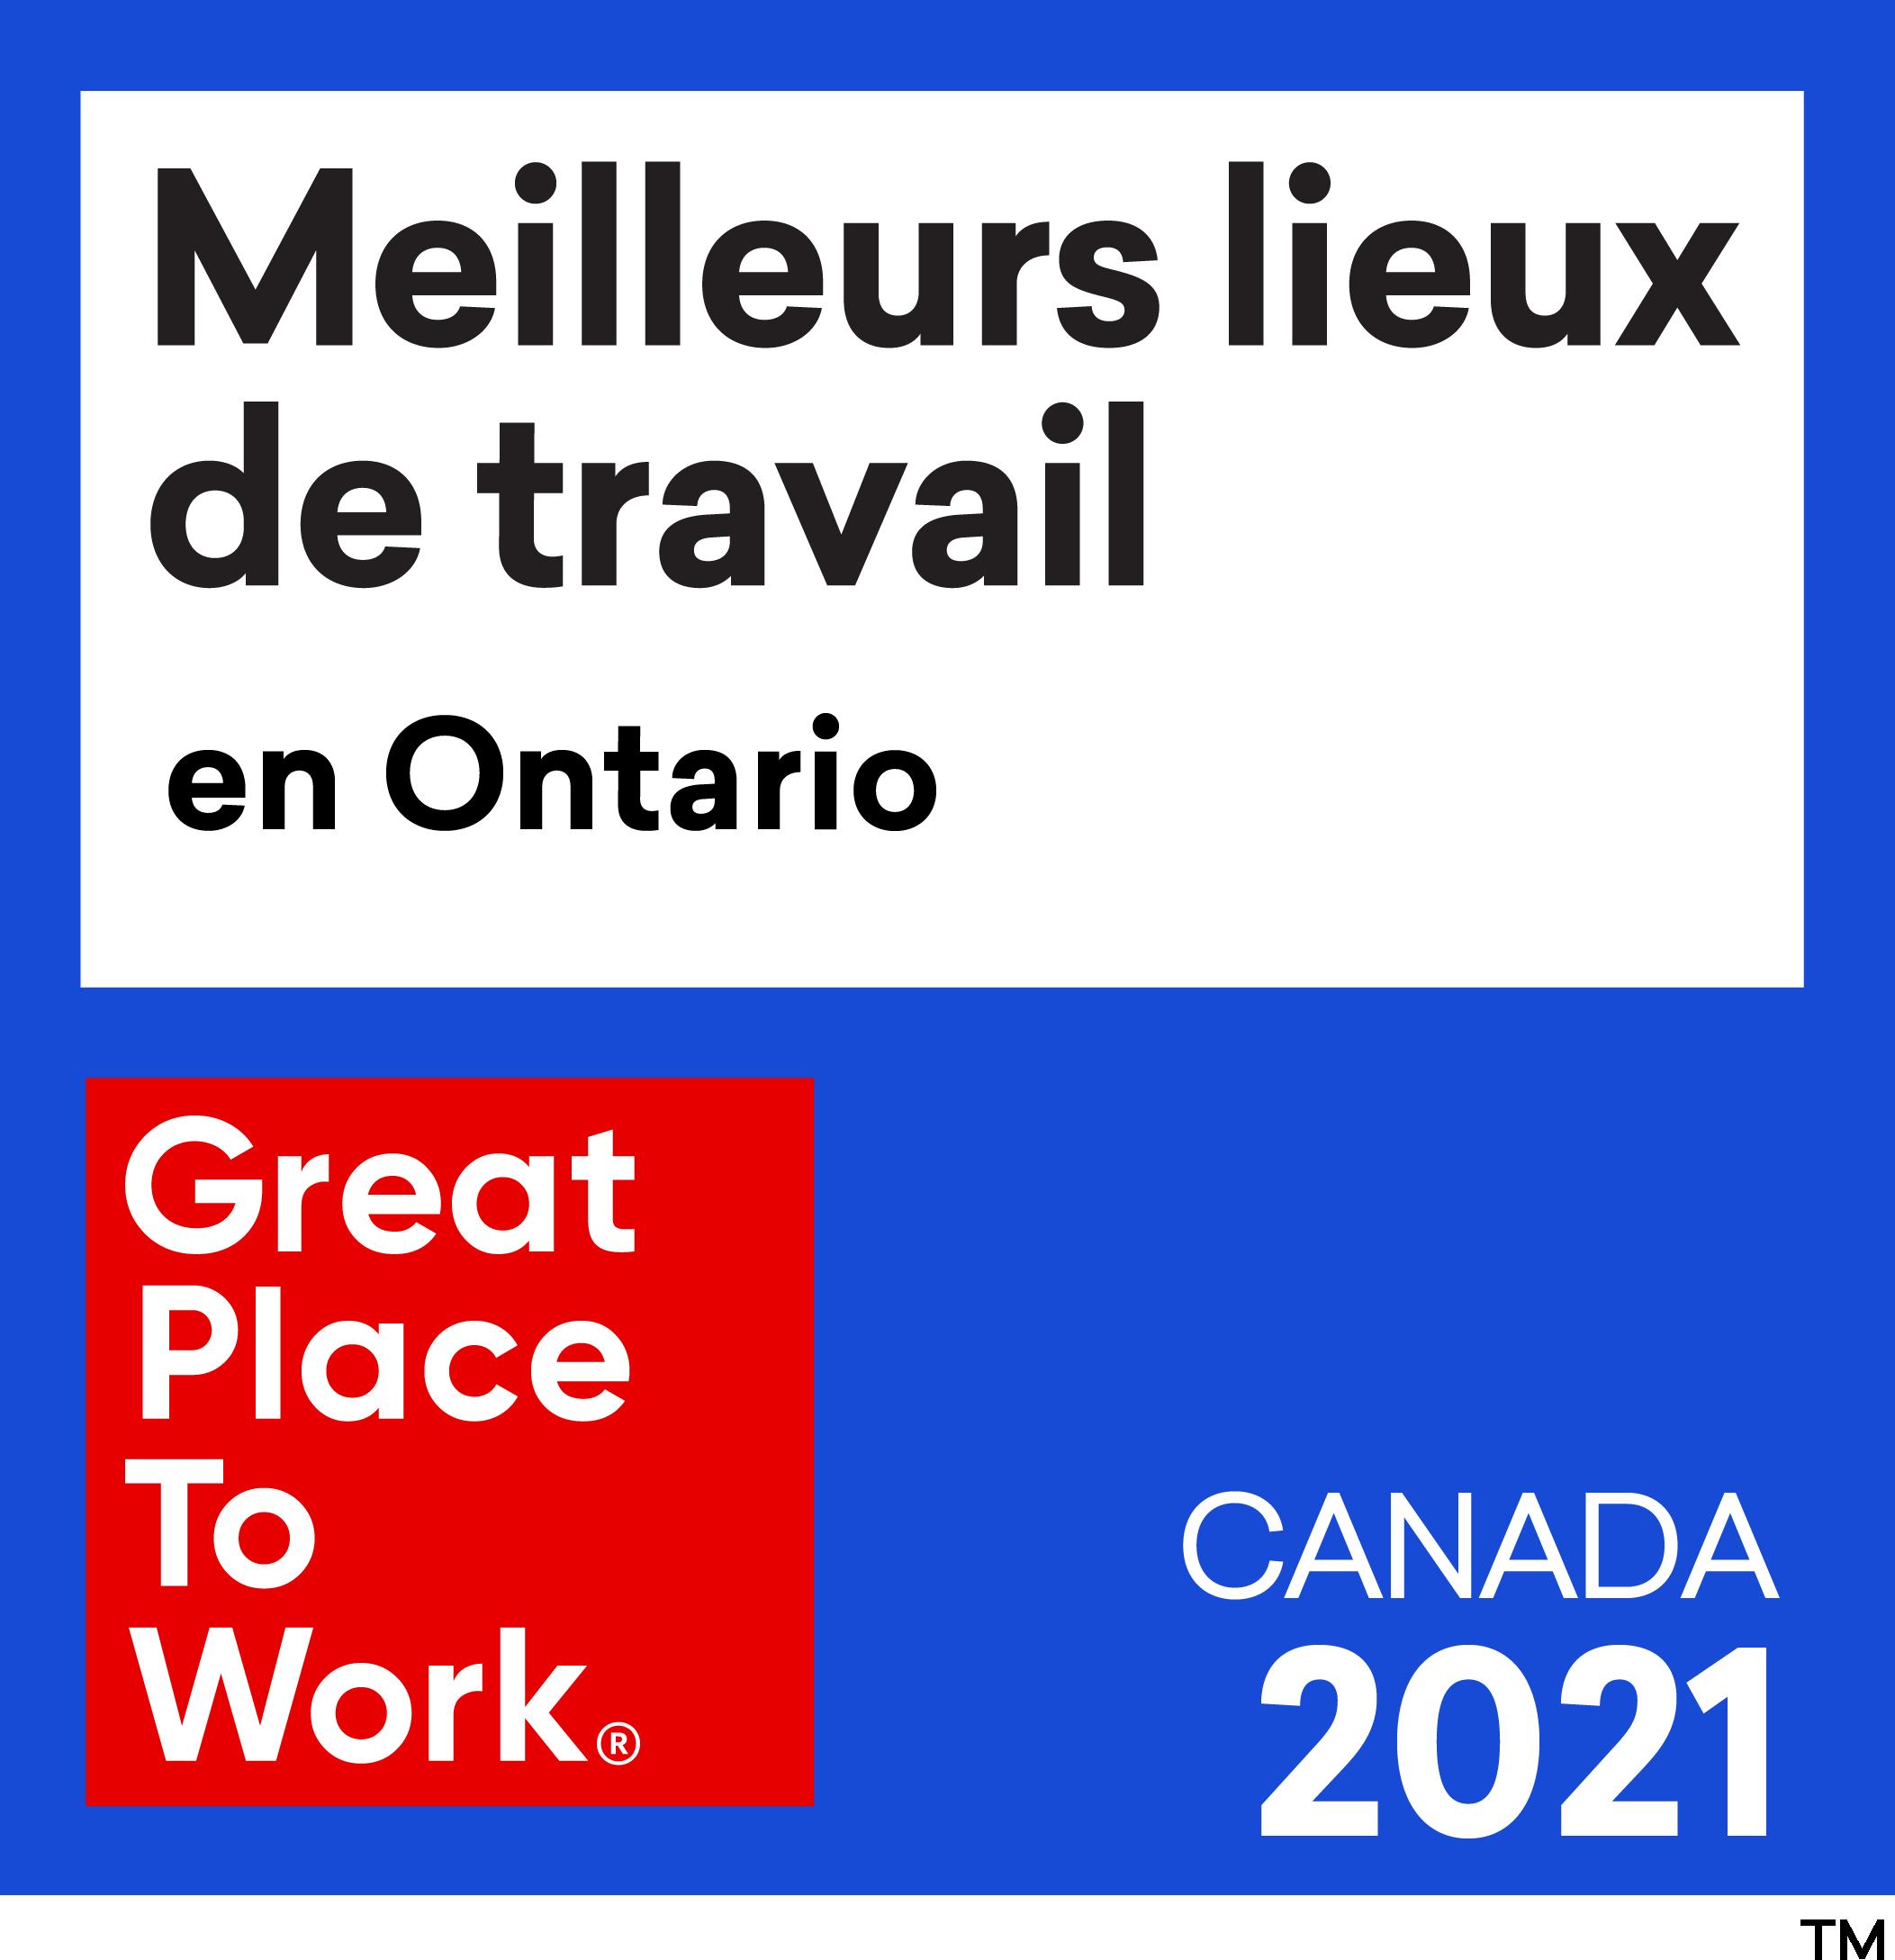 Meilleurs Lieux de Travail en Ontario - Great Place To Work - Canada 2021